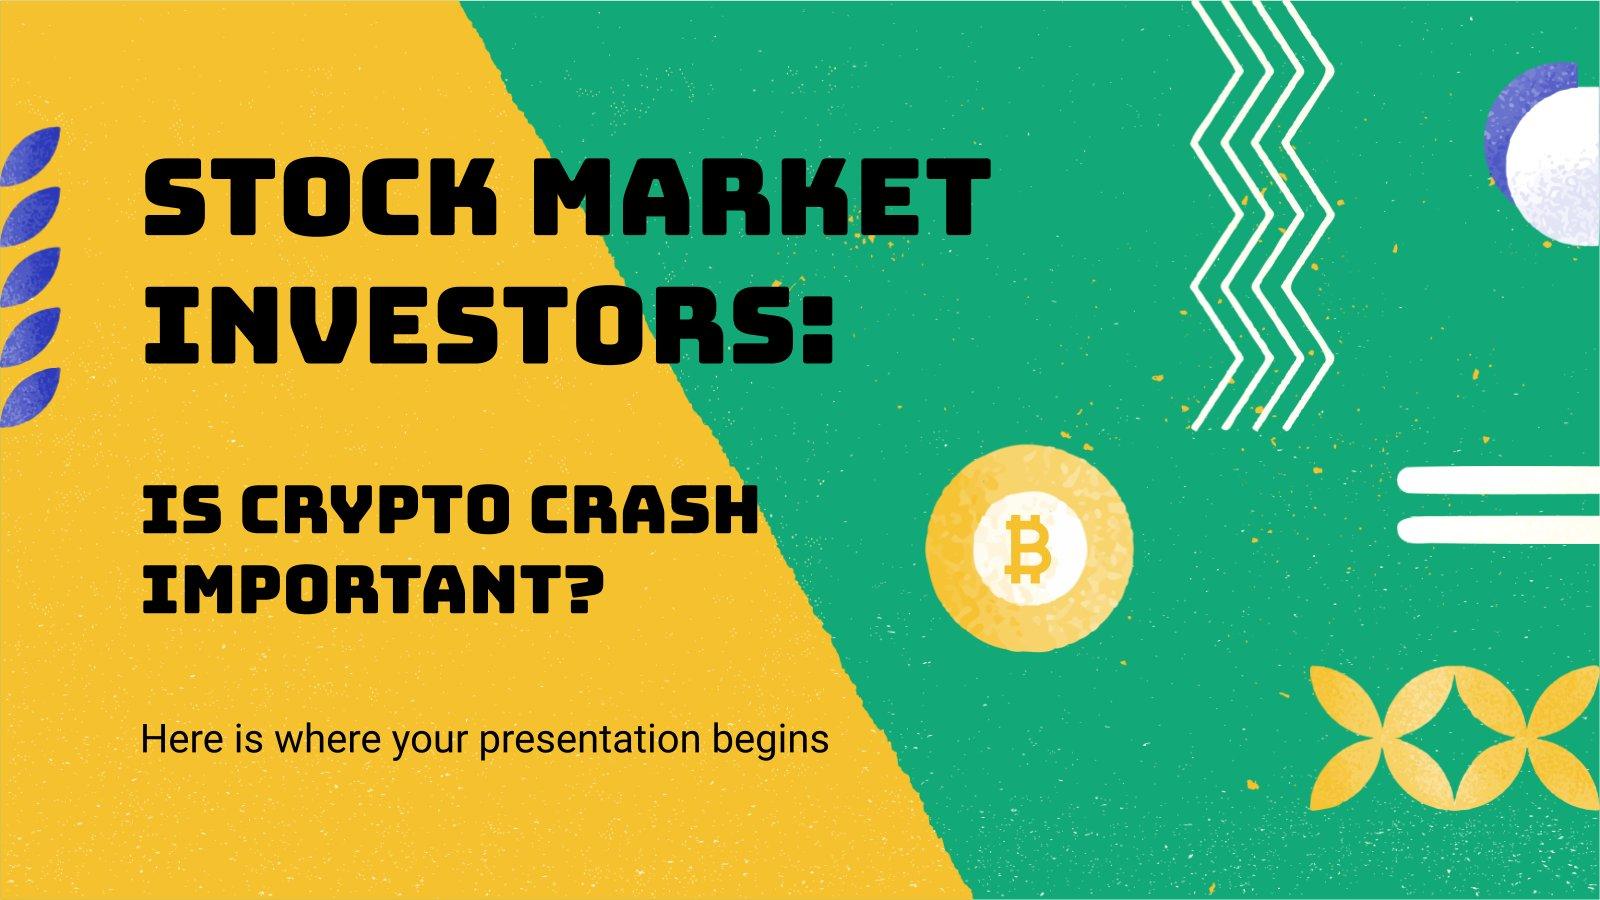 Modelo de apresentação Investidores do mercado de ações: A queda das criptomoedas é importante?